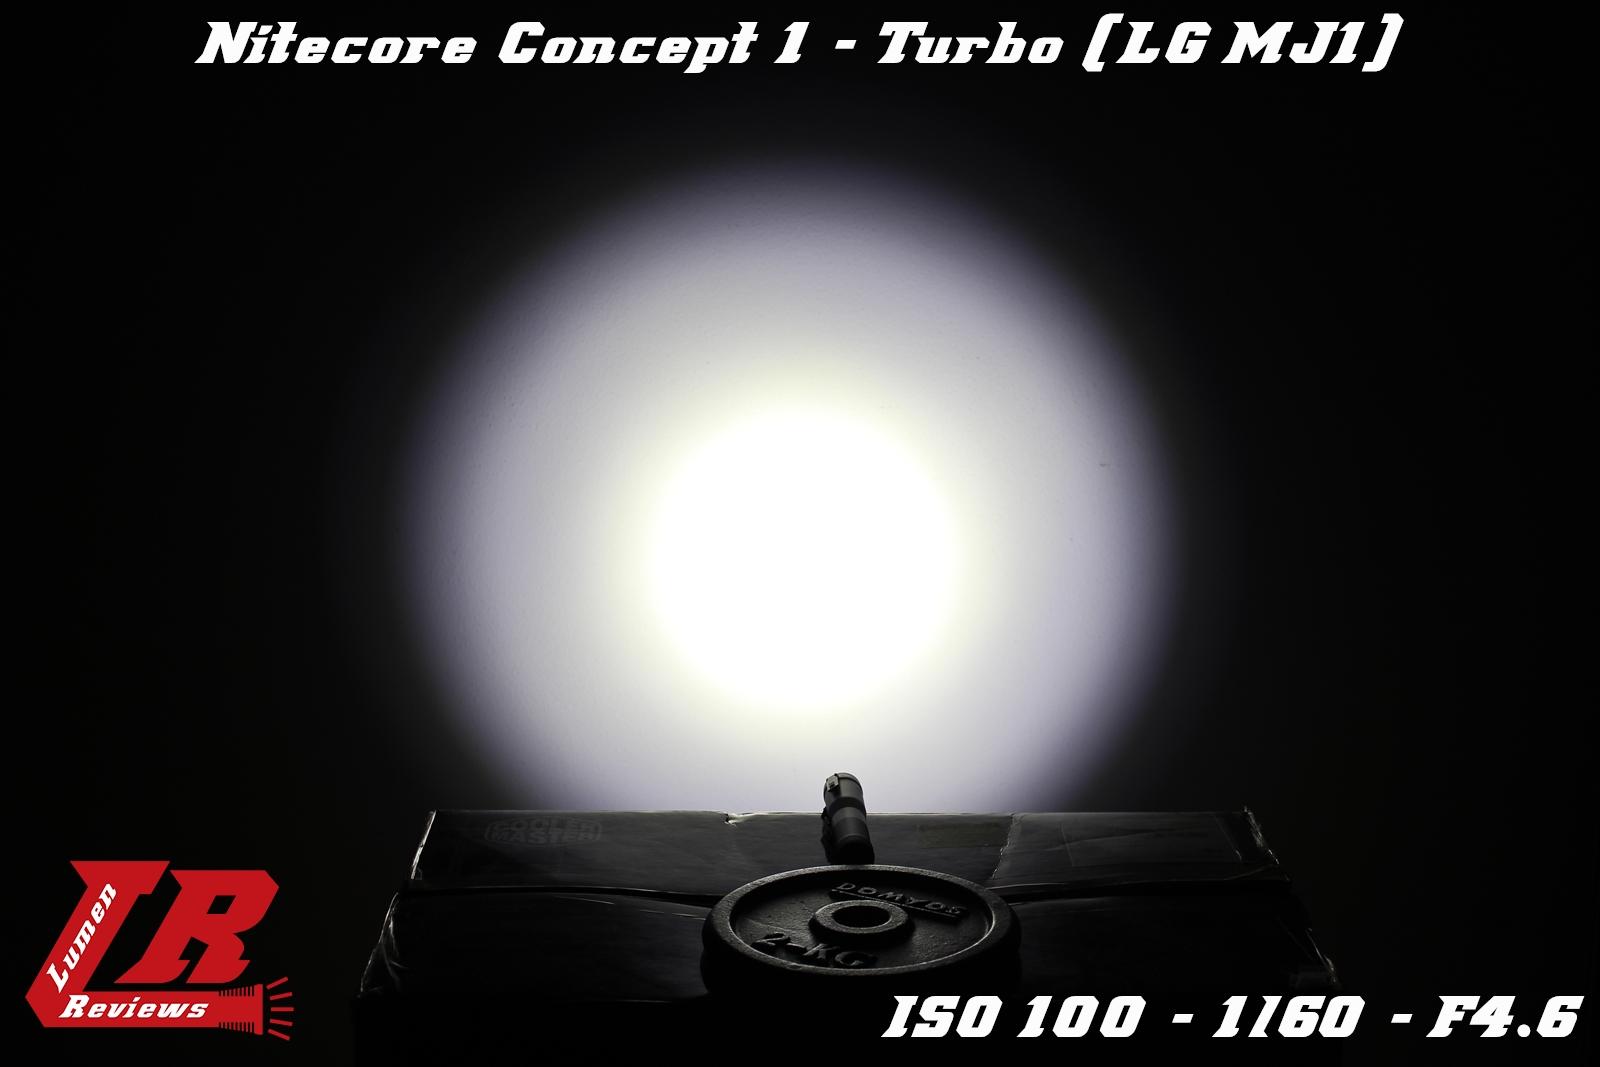 Nitecore Concept 1 13